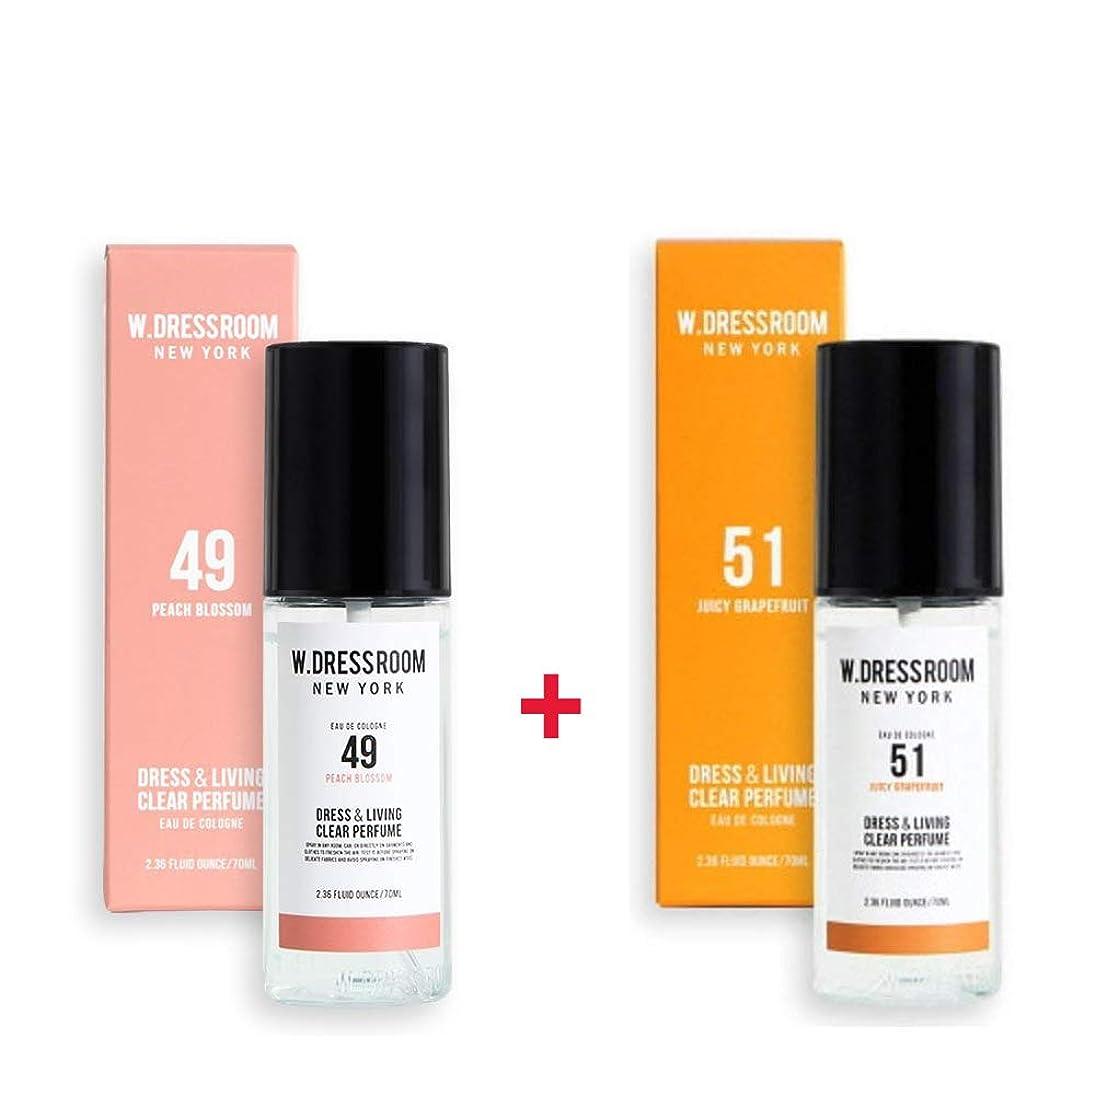 商業のアレキサンダーグラハムベル読むW.DRESSROOM Dress & Living Clear Perfume 70ml (No 49 Peach Blossom)+(No 51 Juicy Grapefruit)